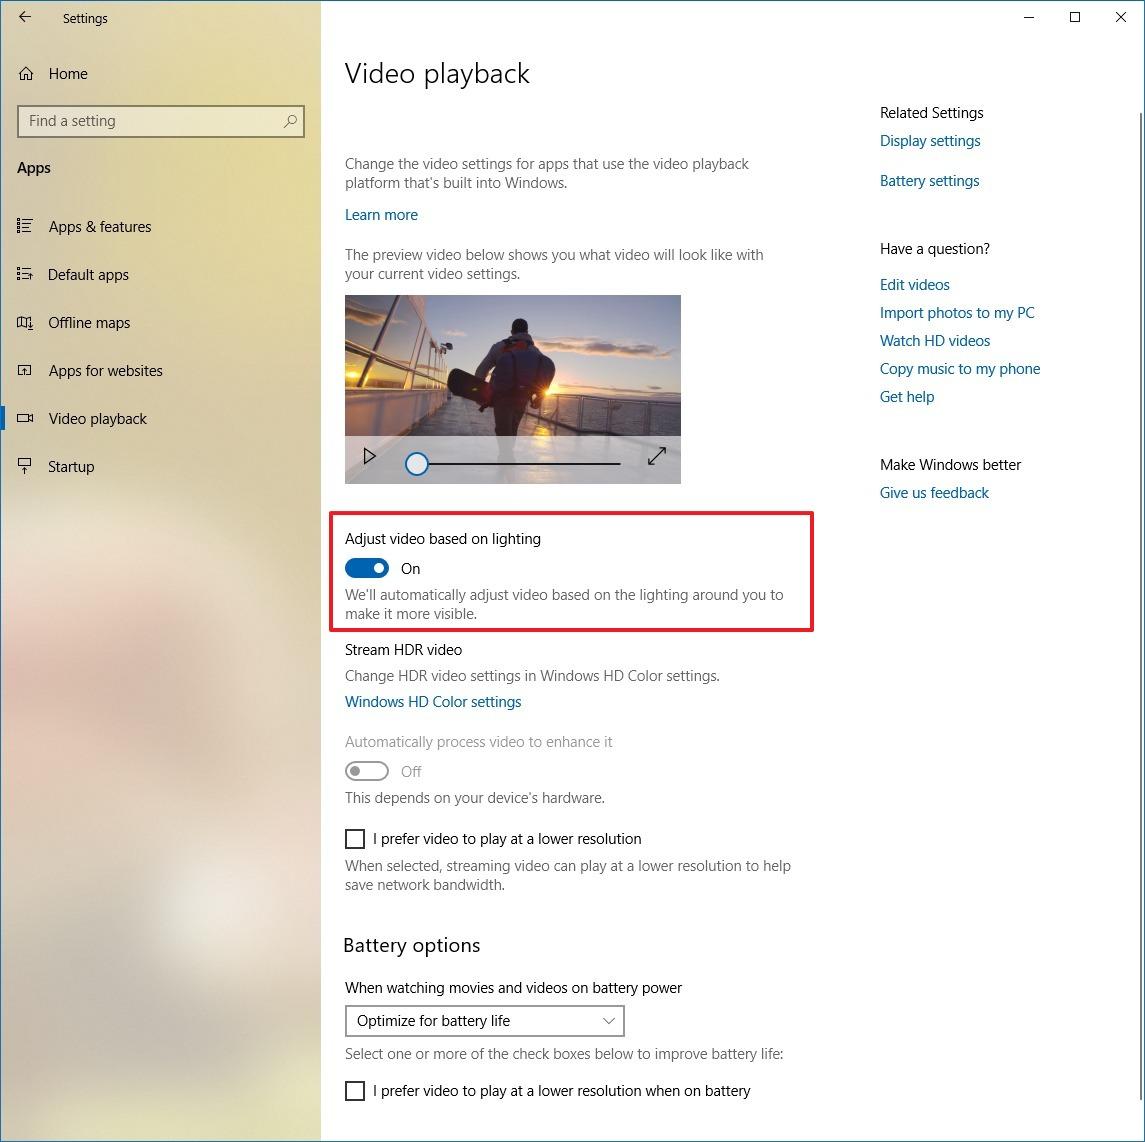 Adjust video based on lighting settings on Windows 10 Redstone 5